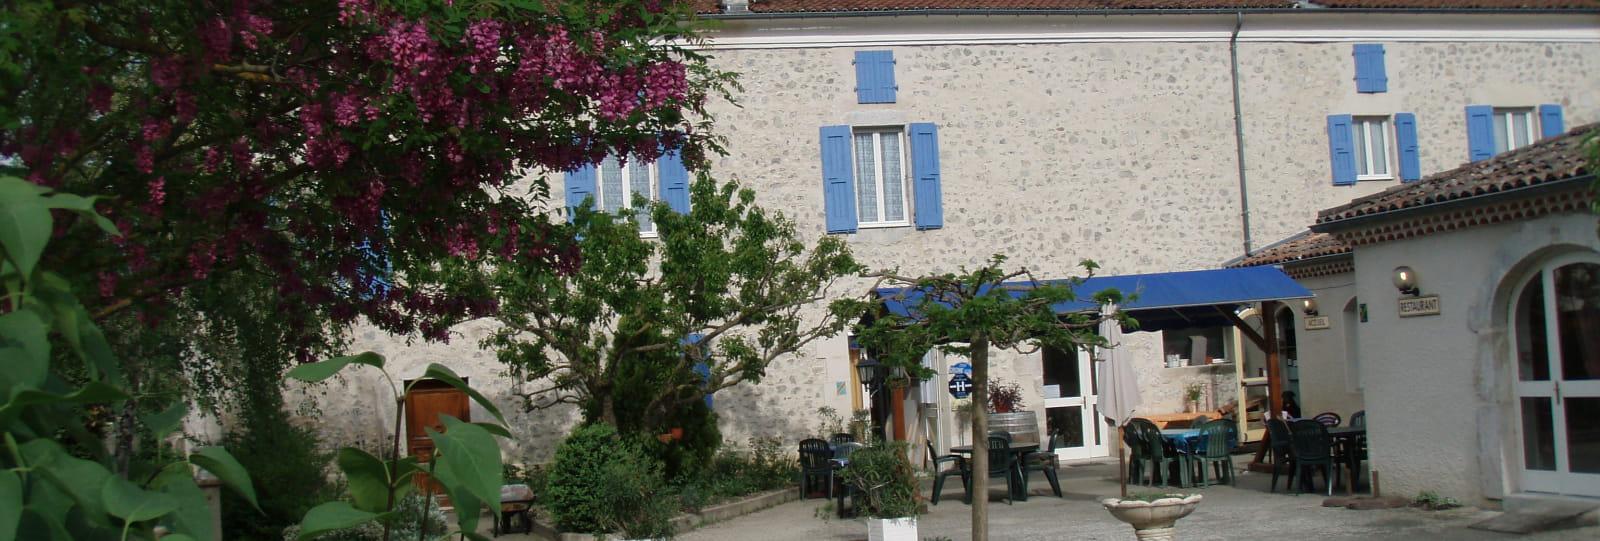 Hôtel-Restaurant le Relais du Seillon